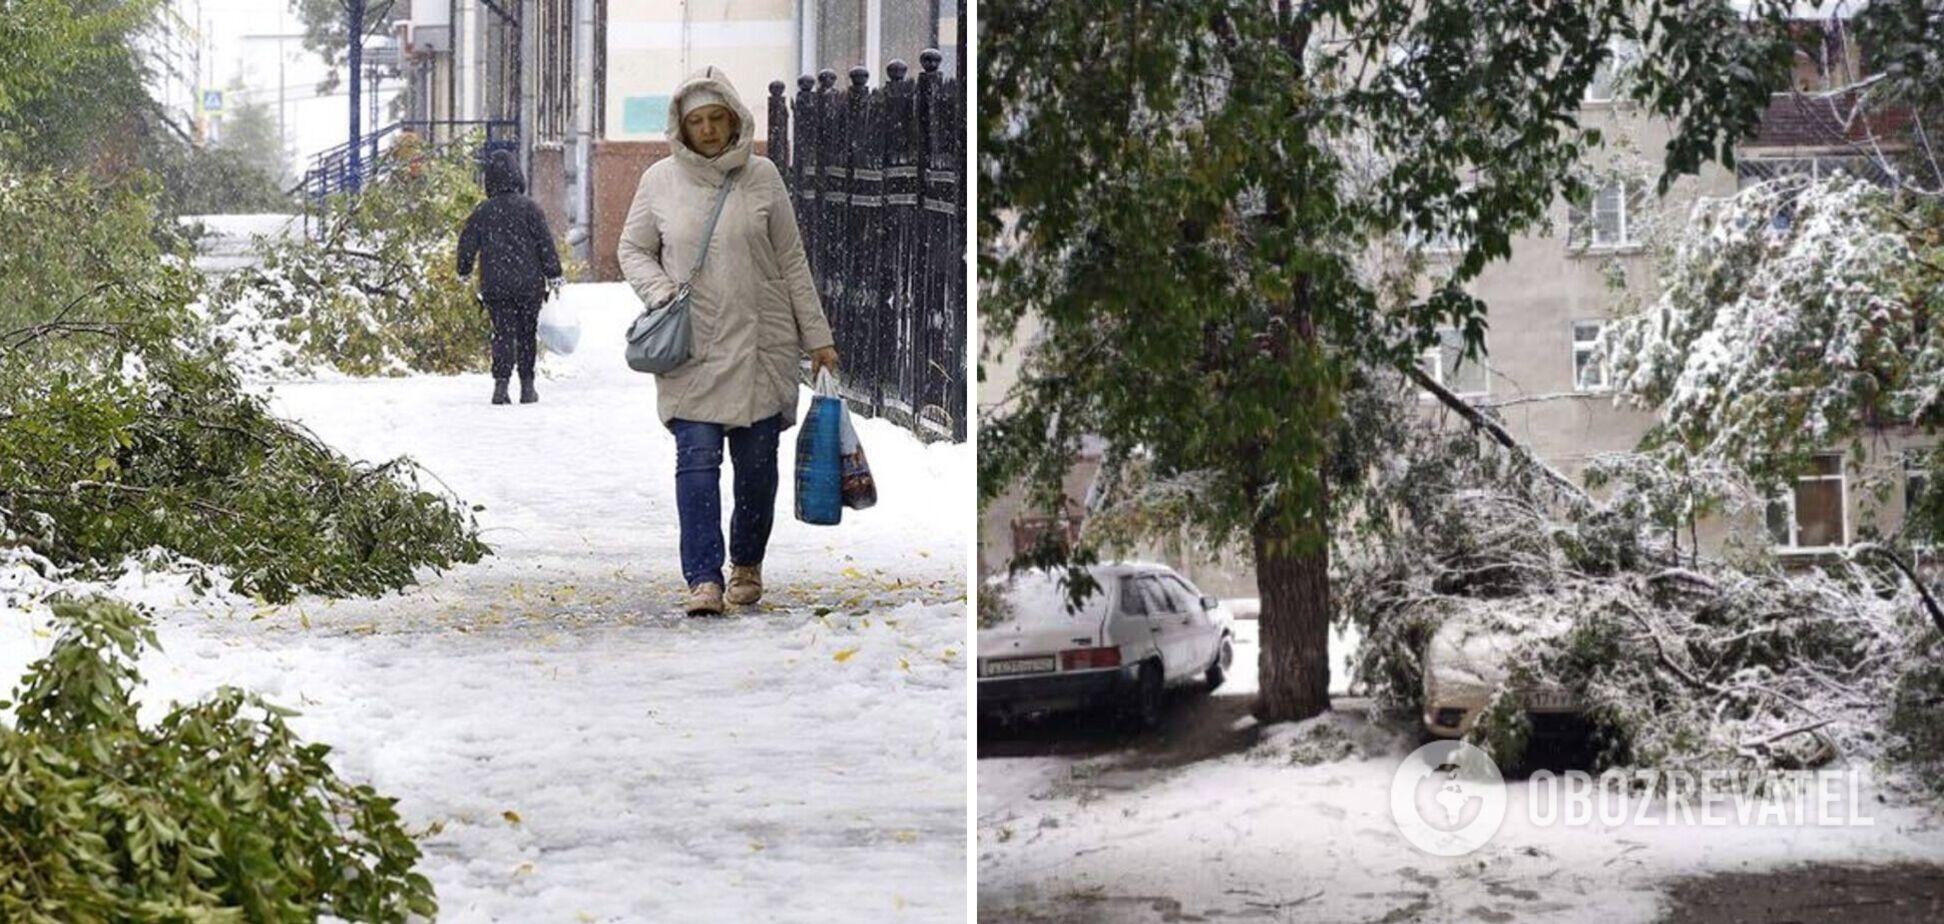 В России на один из регионов обрушился снежный ураган: ветер валил деревья, возникли проблемы с транспортом. Фото